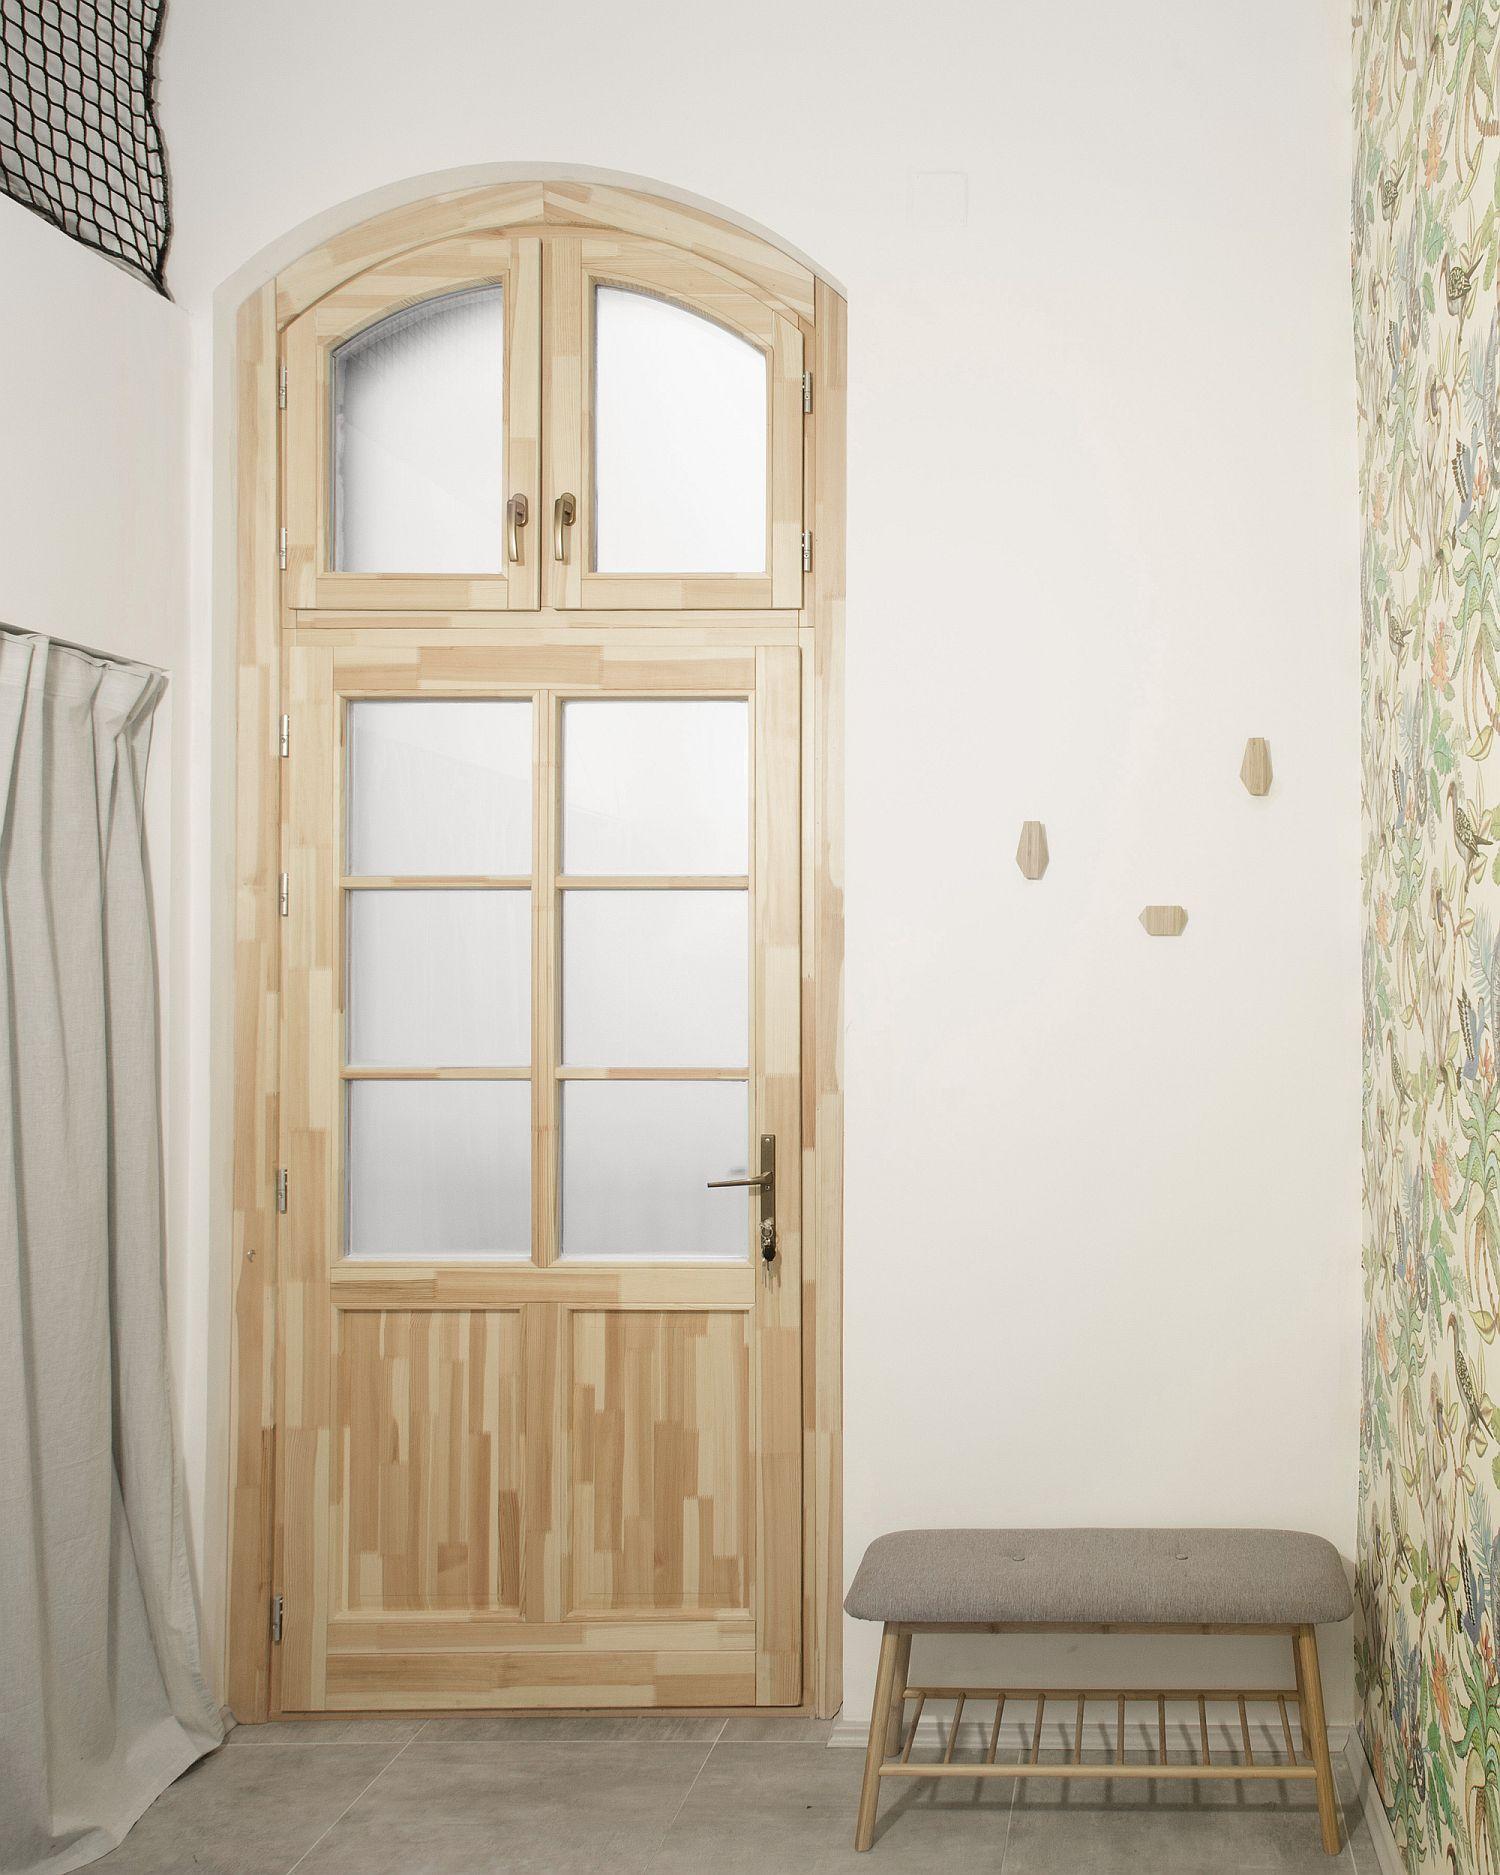 cửa nhà bằng gỗ